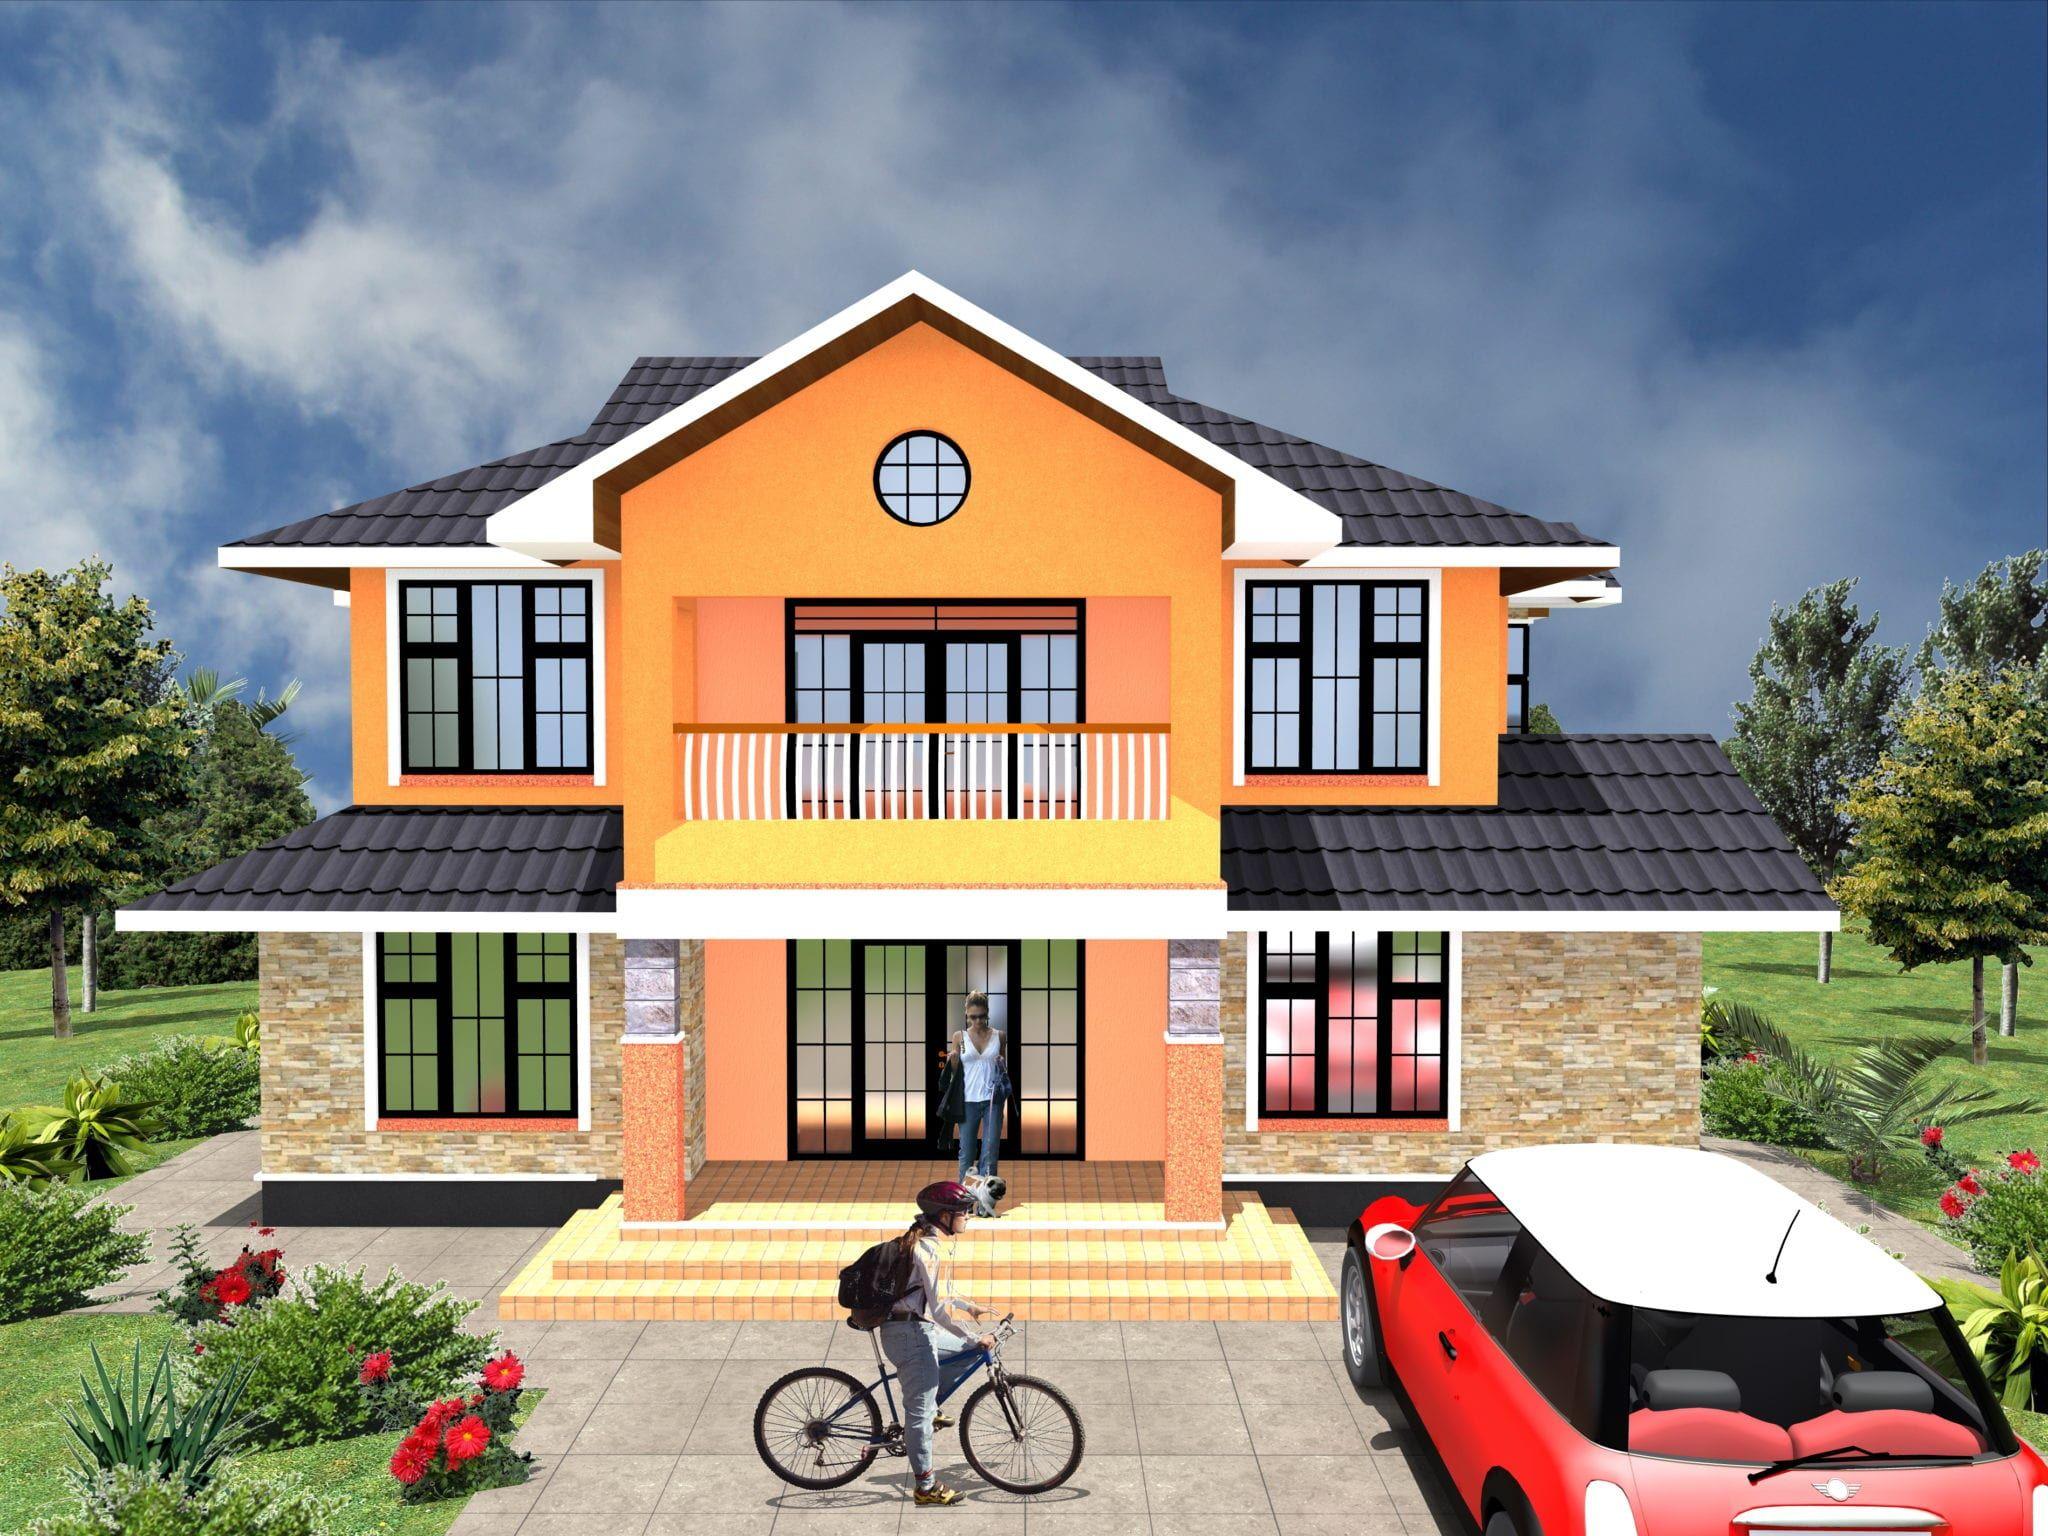 4 Bedroom Design 1013 A House Plans Maisonette House